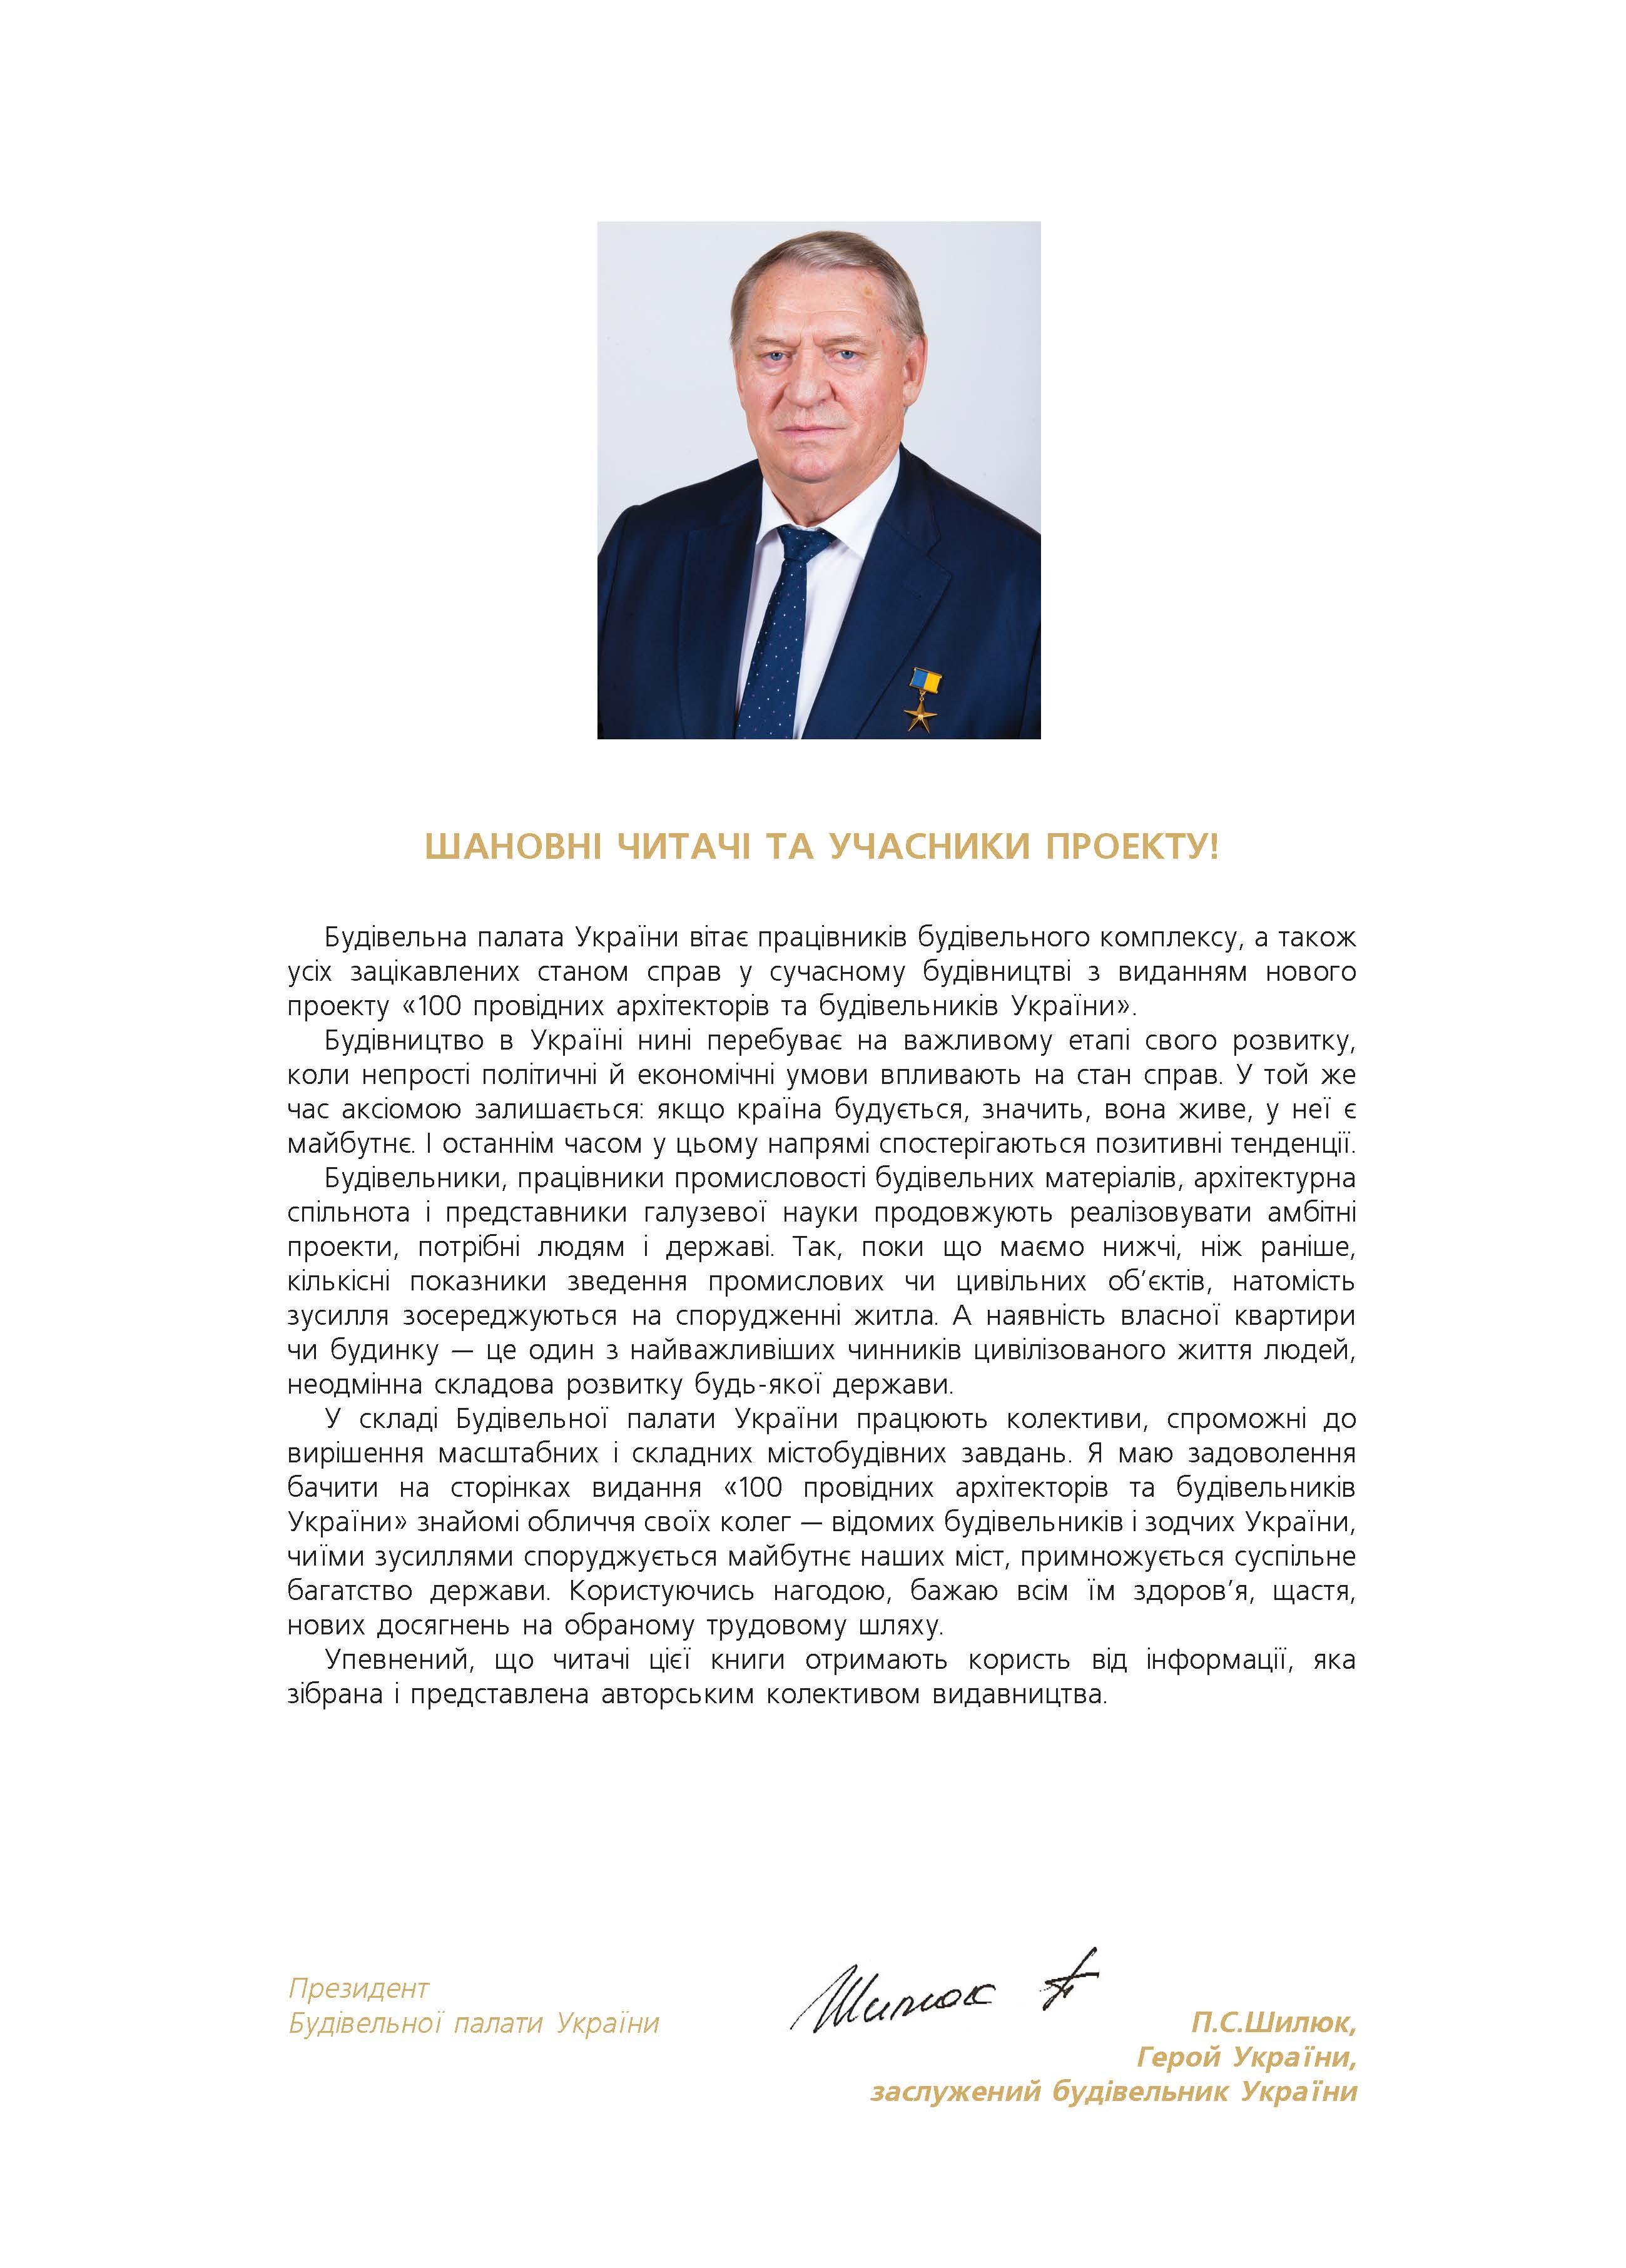 Привітання Президента Будівельної палати України П.С.Шилюк